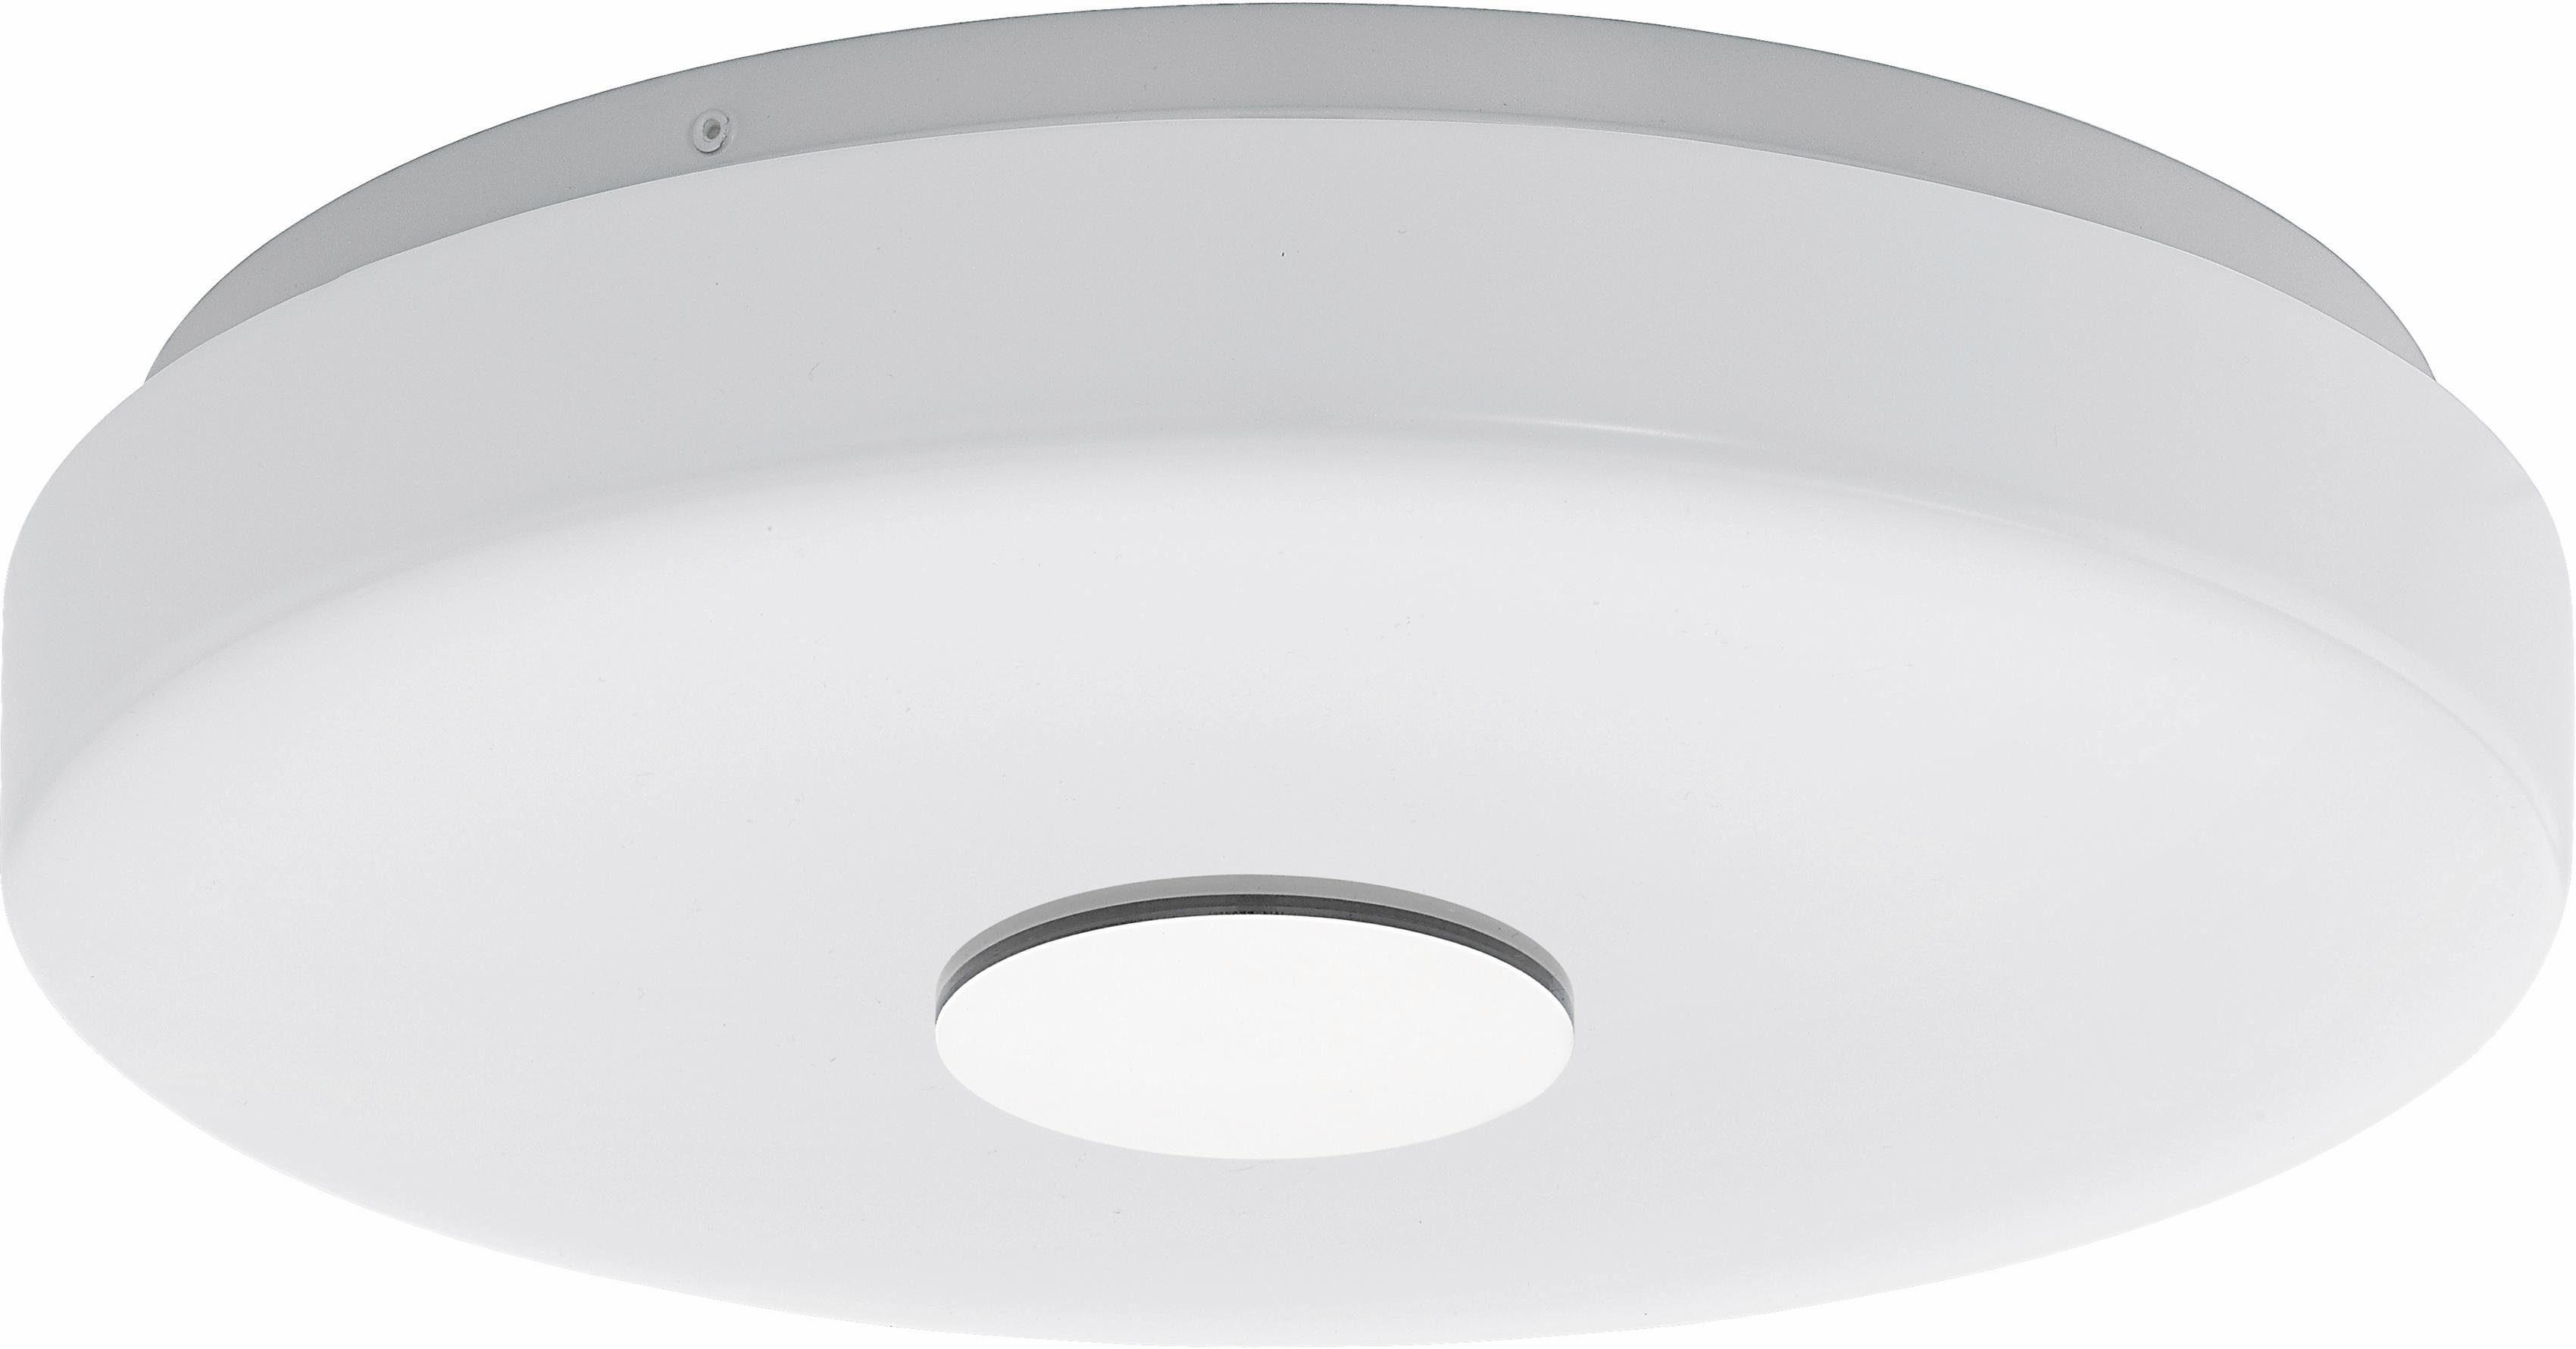 EGLO LED Deckenleuchte »BERGAMO-C«, LED-CCT-Lichtsteuerung